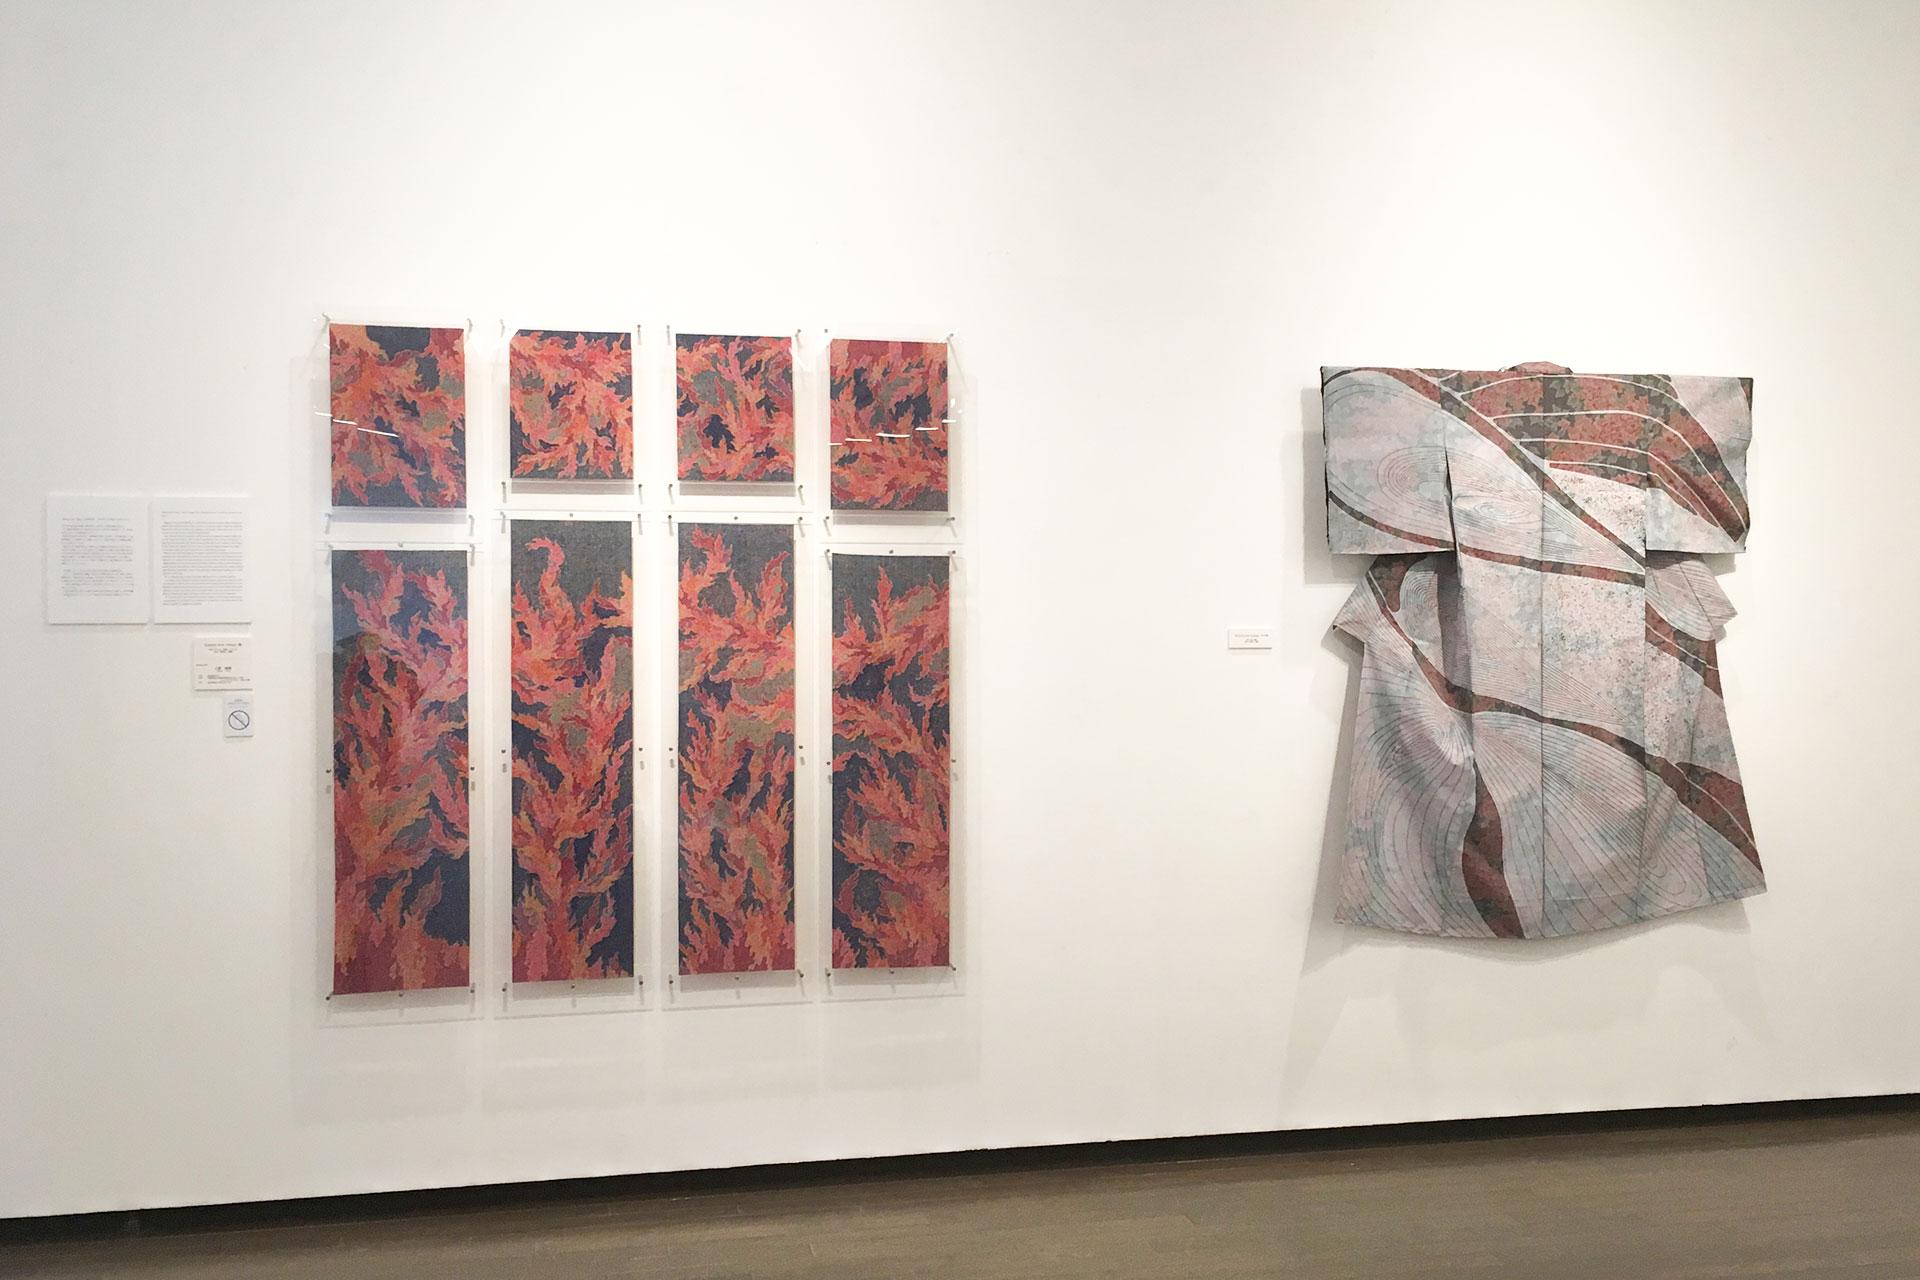 金沢21世紀美術館 展示風景1 三尾瑠璃